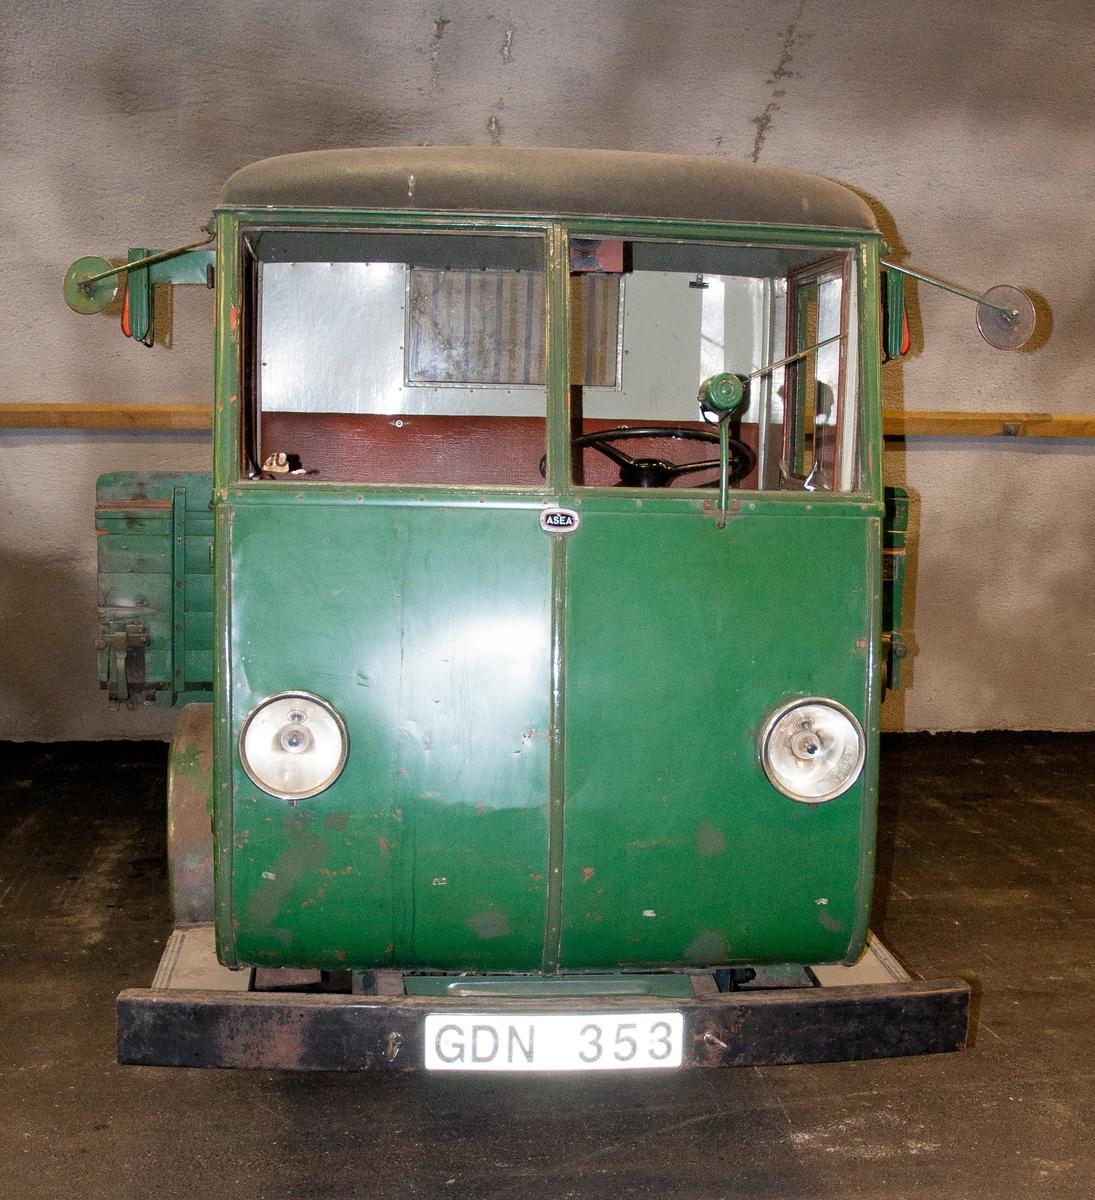 """El lastbil, fabrikat ASEA, Typ EBV 10/11, Chassinr 182, årsmodell 1945, Registreringsnummer GDN353. Totalvikt 2600 kg. Hytten har skylt märkt """"AB Hägglund & Söner, Örnsköldsvik"""". Bilen har ägarskylt  märkt """"Karlskrona Hattfabrik"""", hemort Karlskrona, igenkänningsmärke """"K1241"""", """"BES. 5 2 1945"""".  Med bilen följer ett reservhjul samt en planka med texten """"Karlskrona hattfabrik""""."""